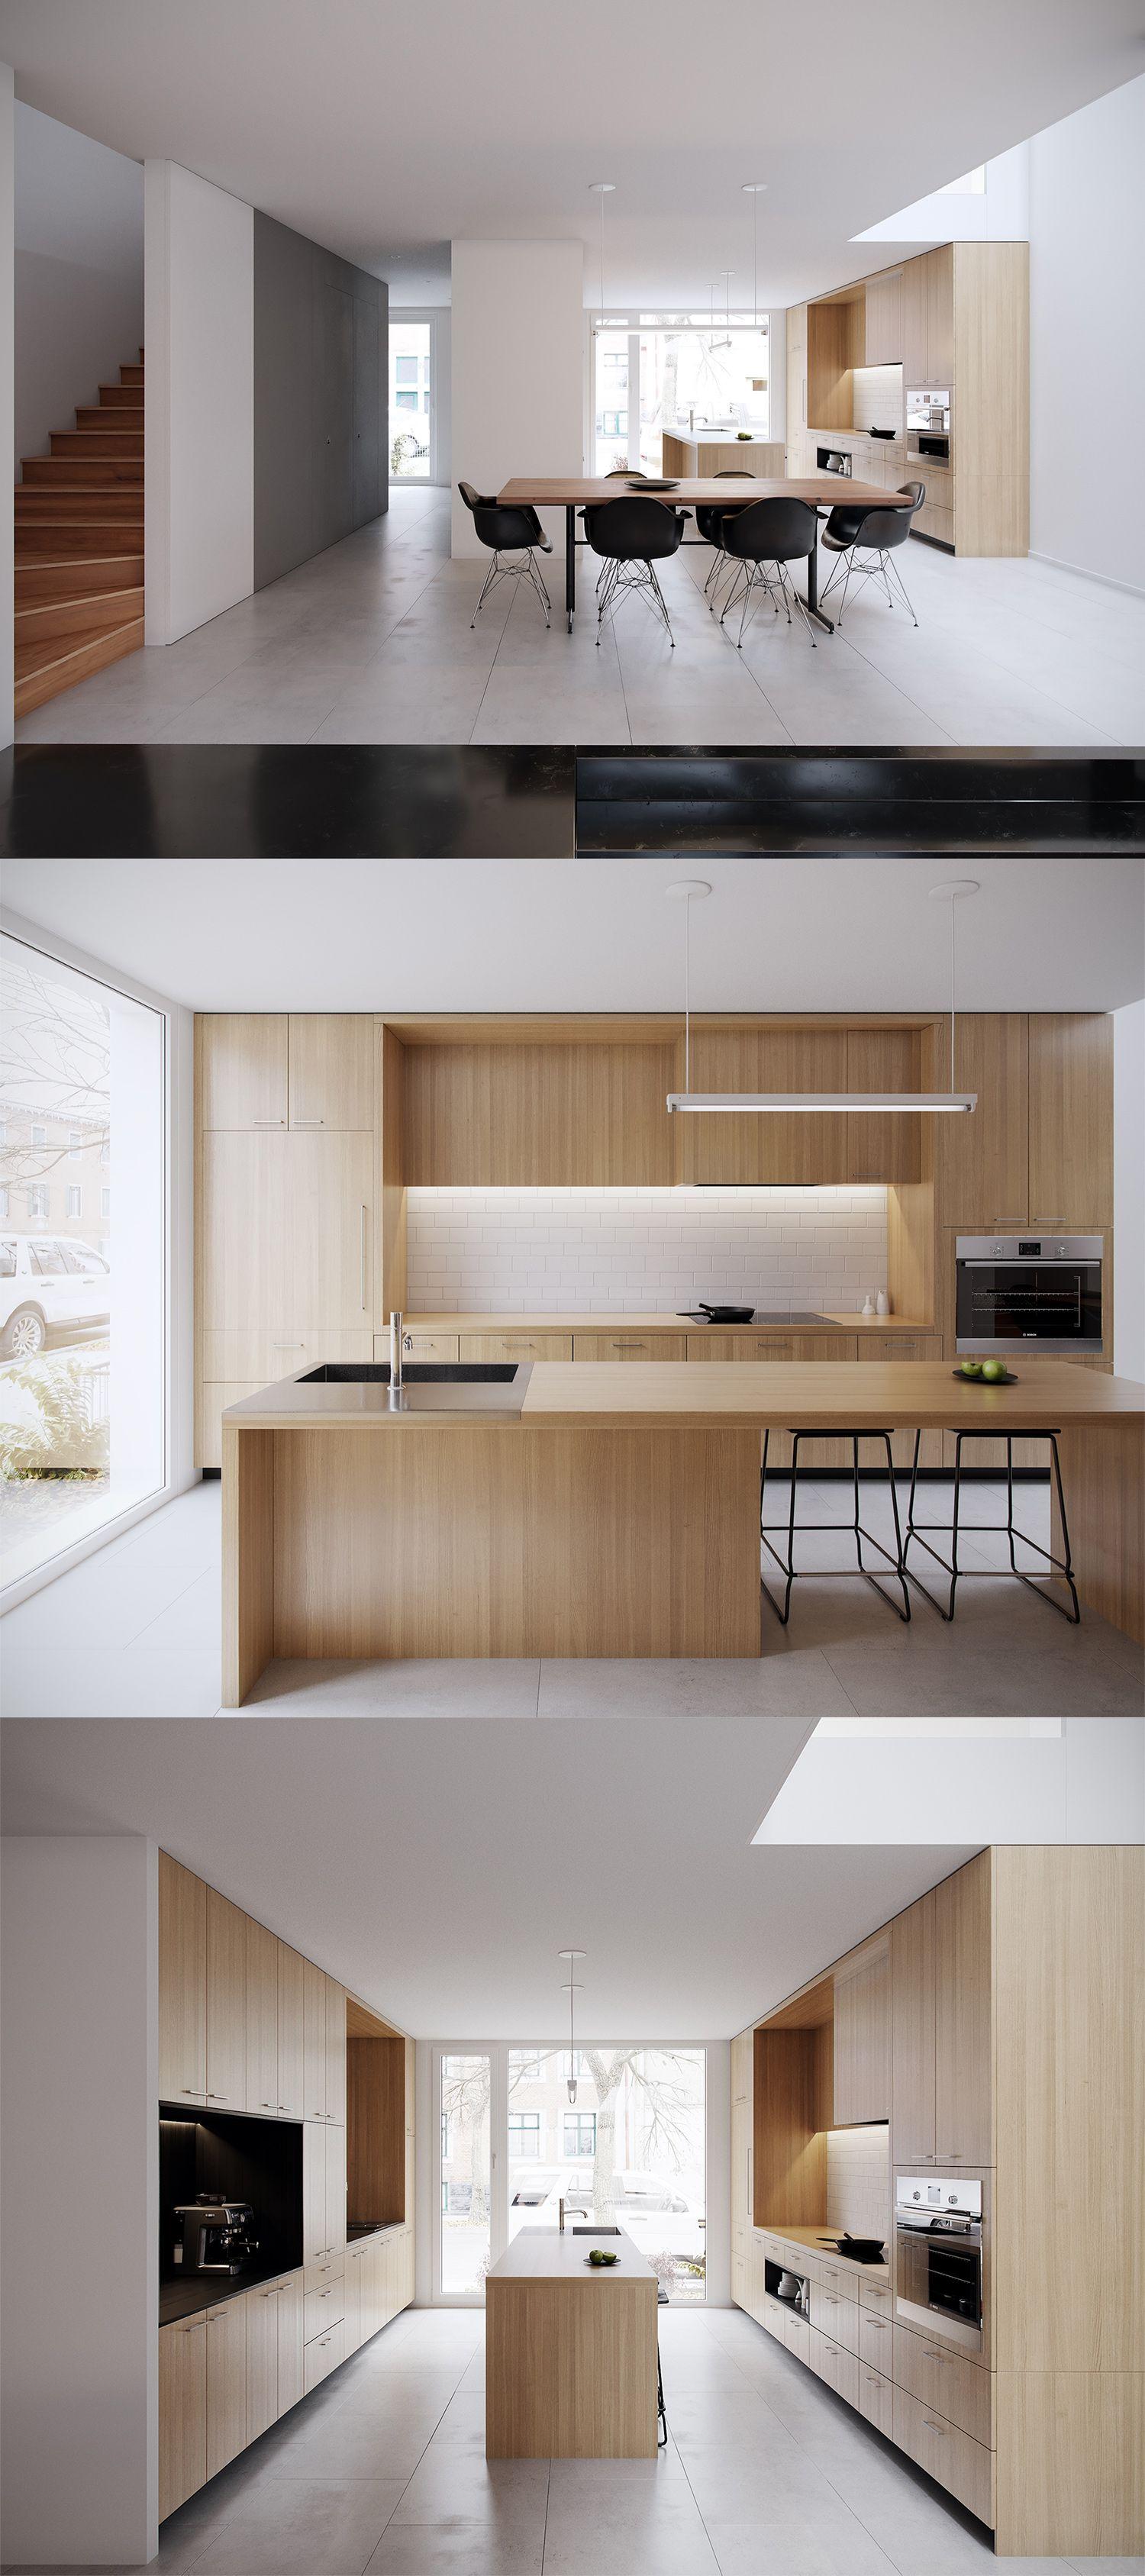 Großartig Küchenspüle Dimensionen Fotos - Ideen Für Die Küche ...